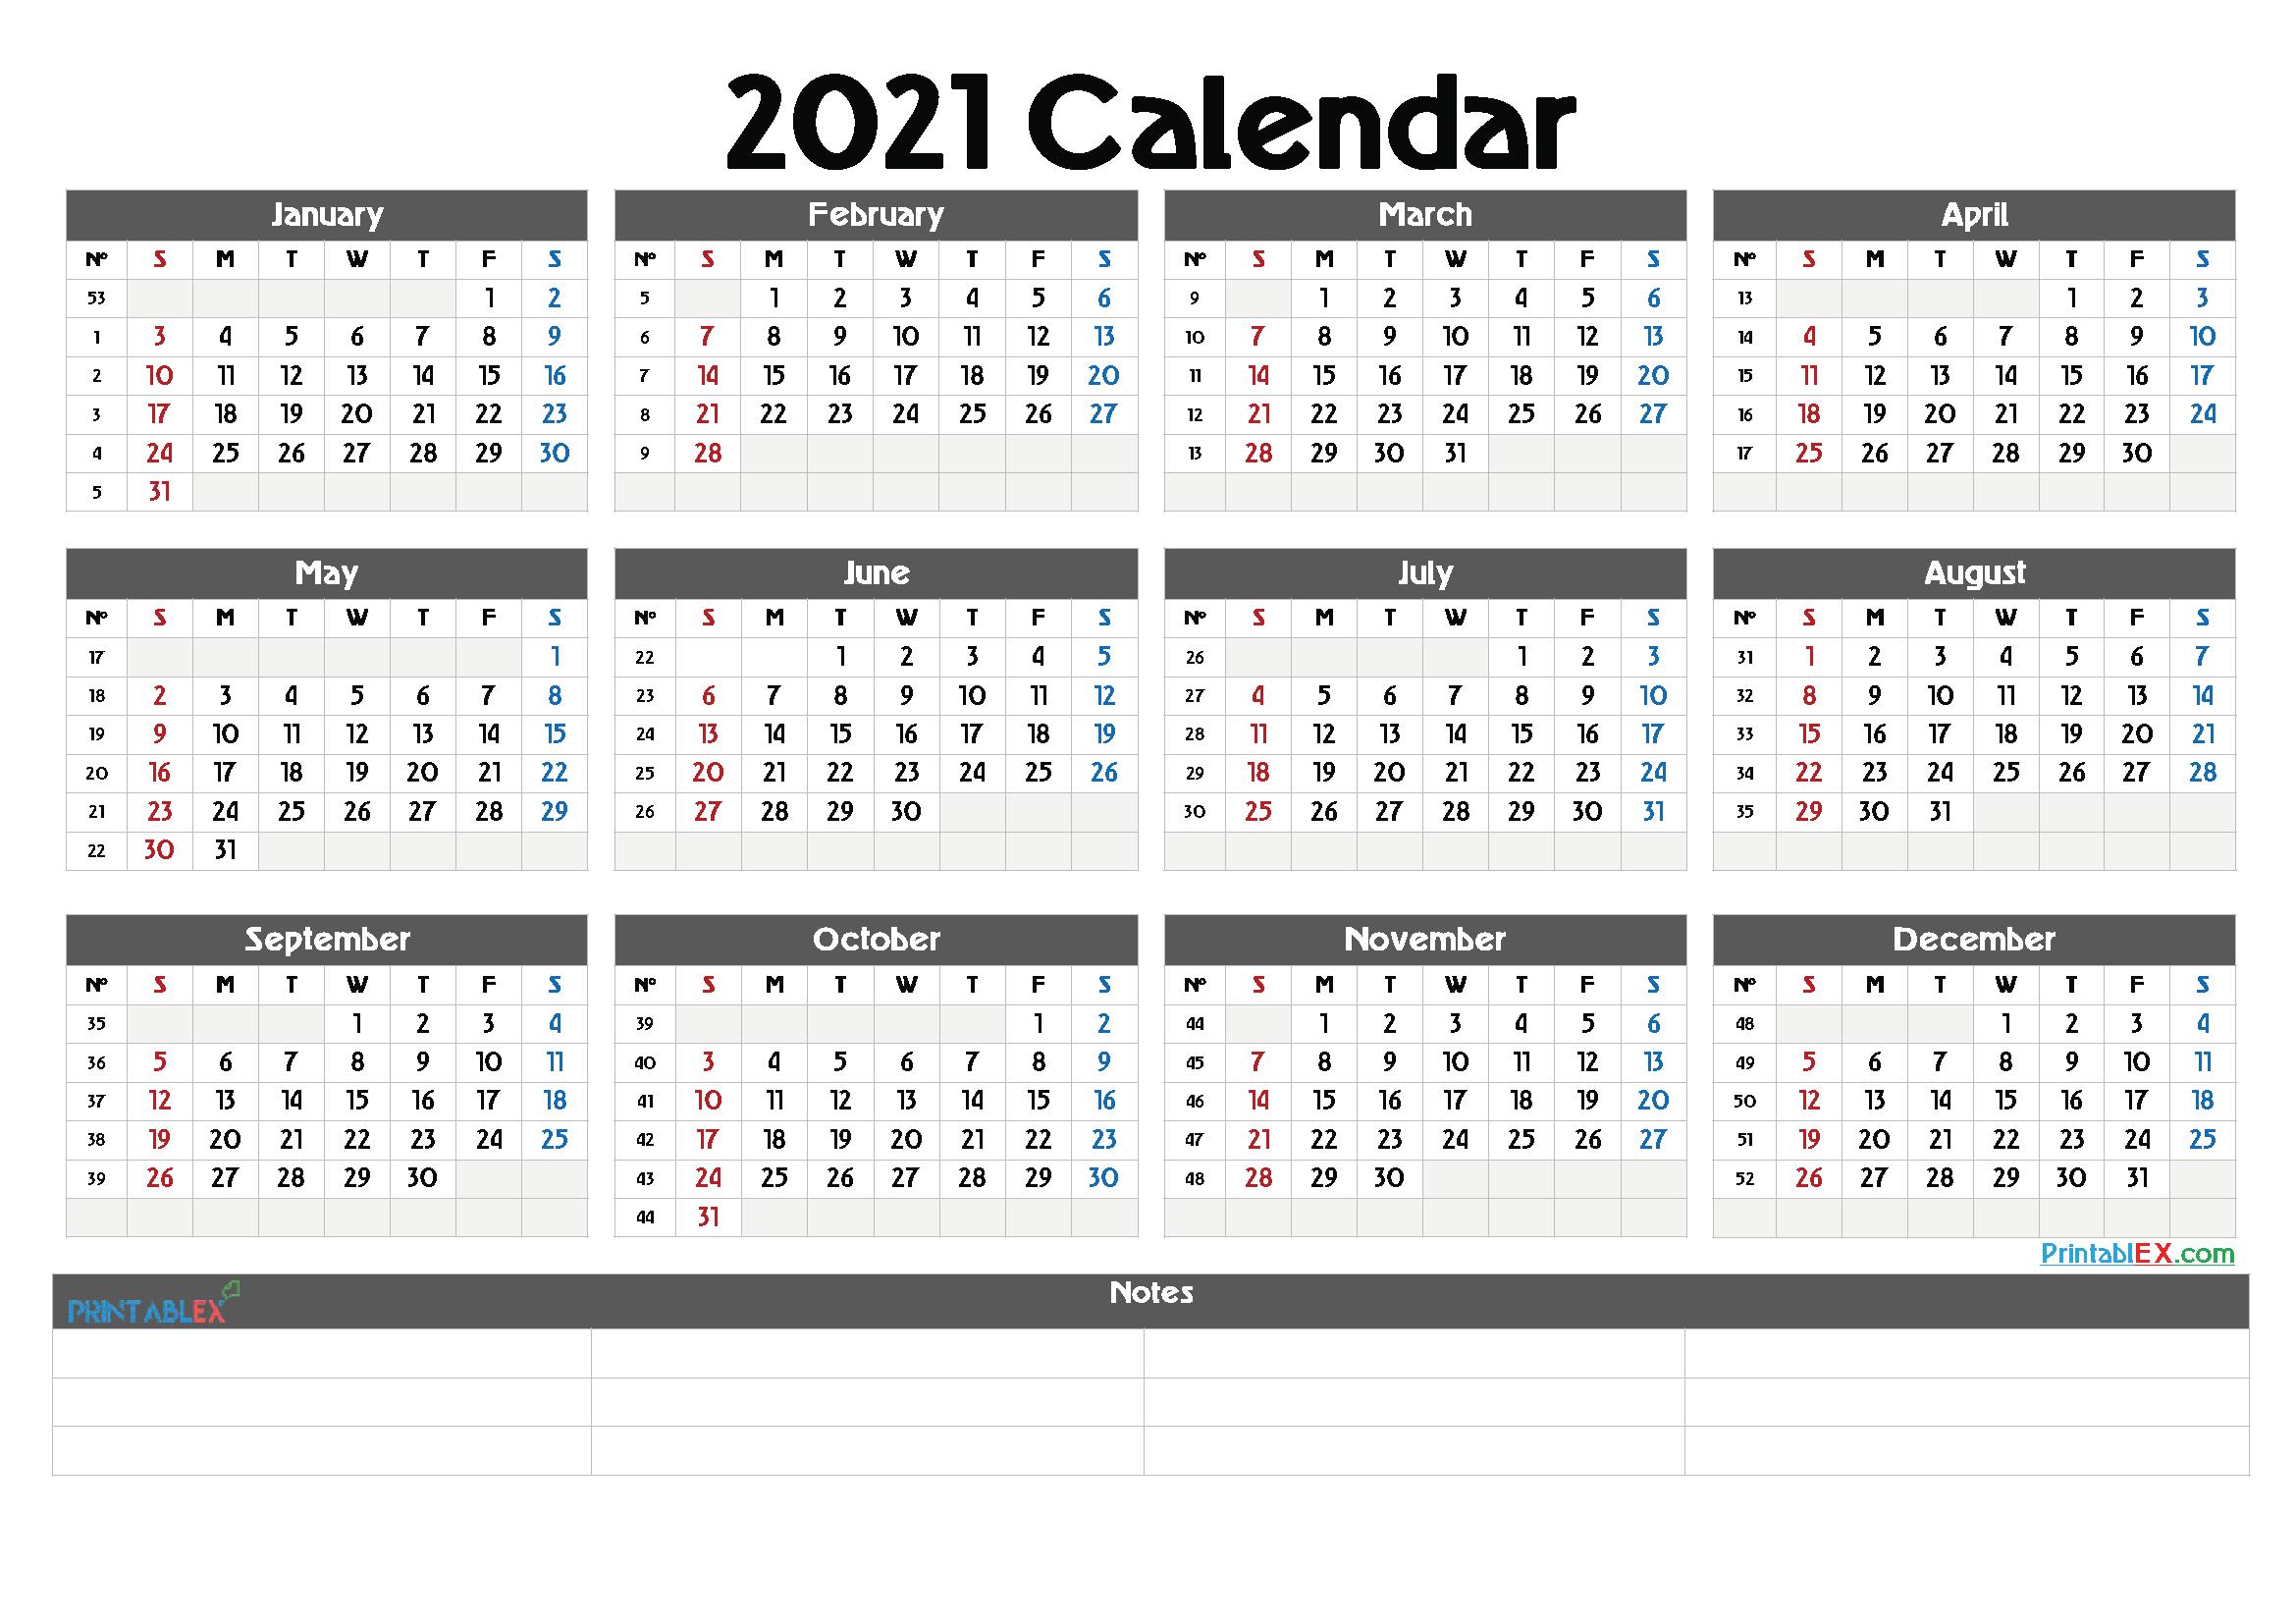 Printable Calendar Templates 2021 regarding 2021 Printable Yearly Calendar Template